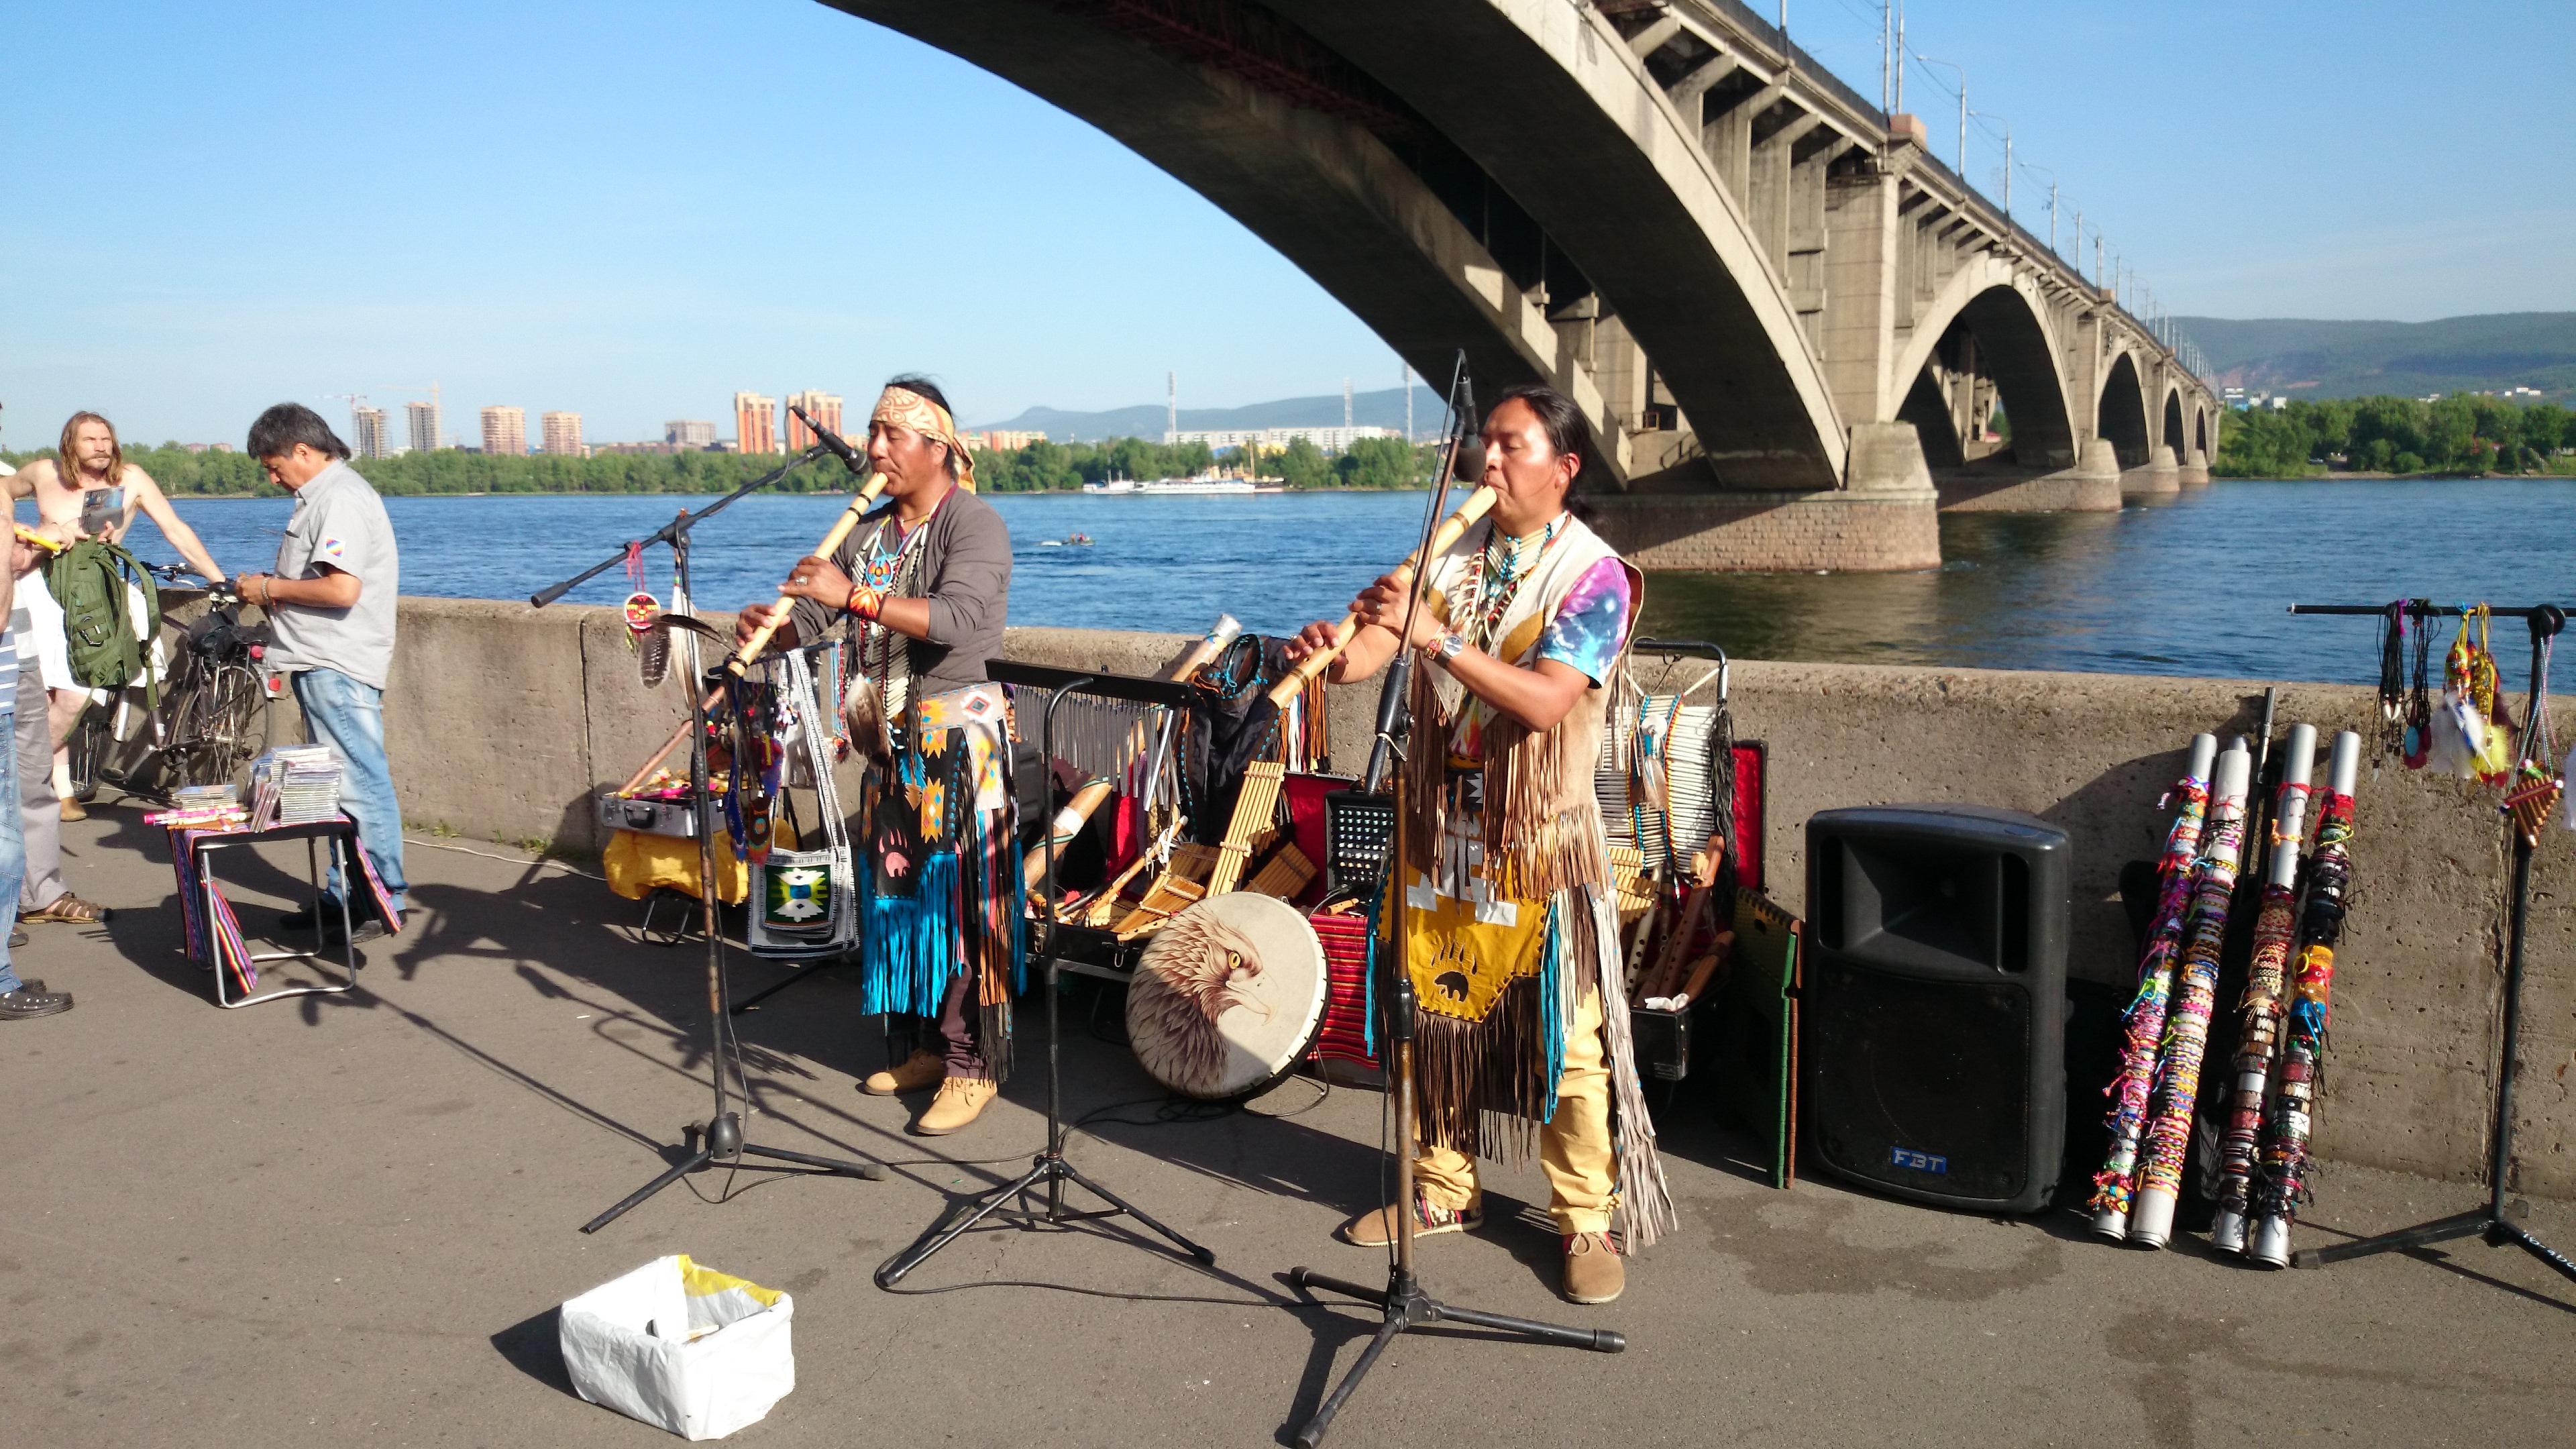 Красноярск Южноамериканские музыканты. 13.06.2015 года